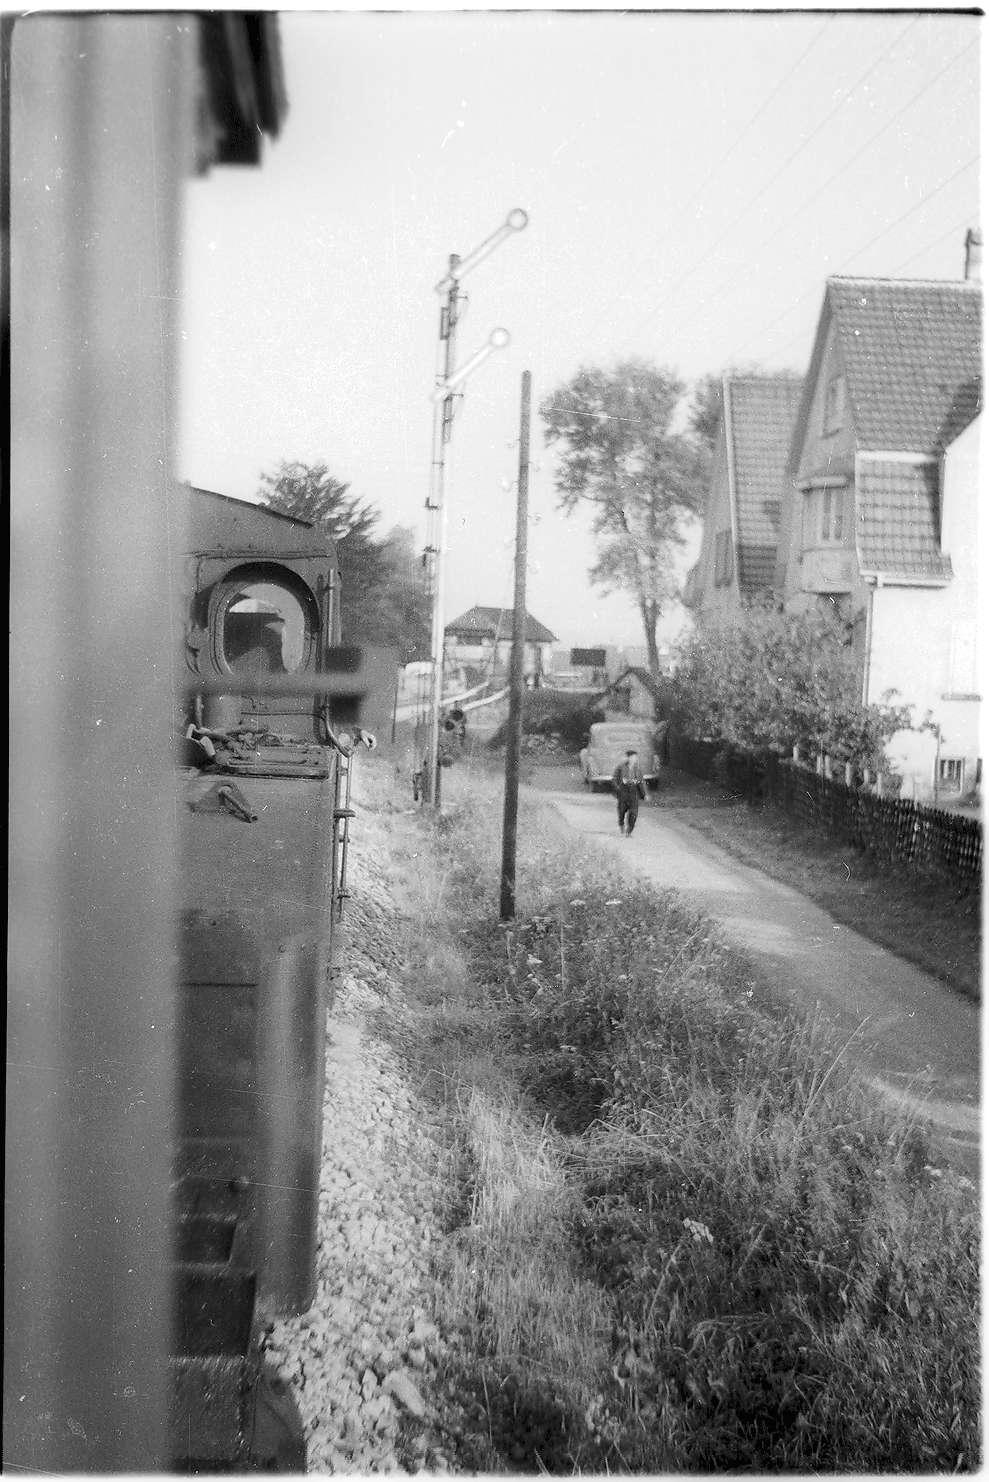 Hechingen, Einfahrt Lok 16, mit mechanischem Einfahrtssignal, Bild 1